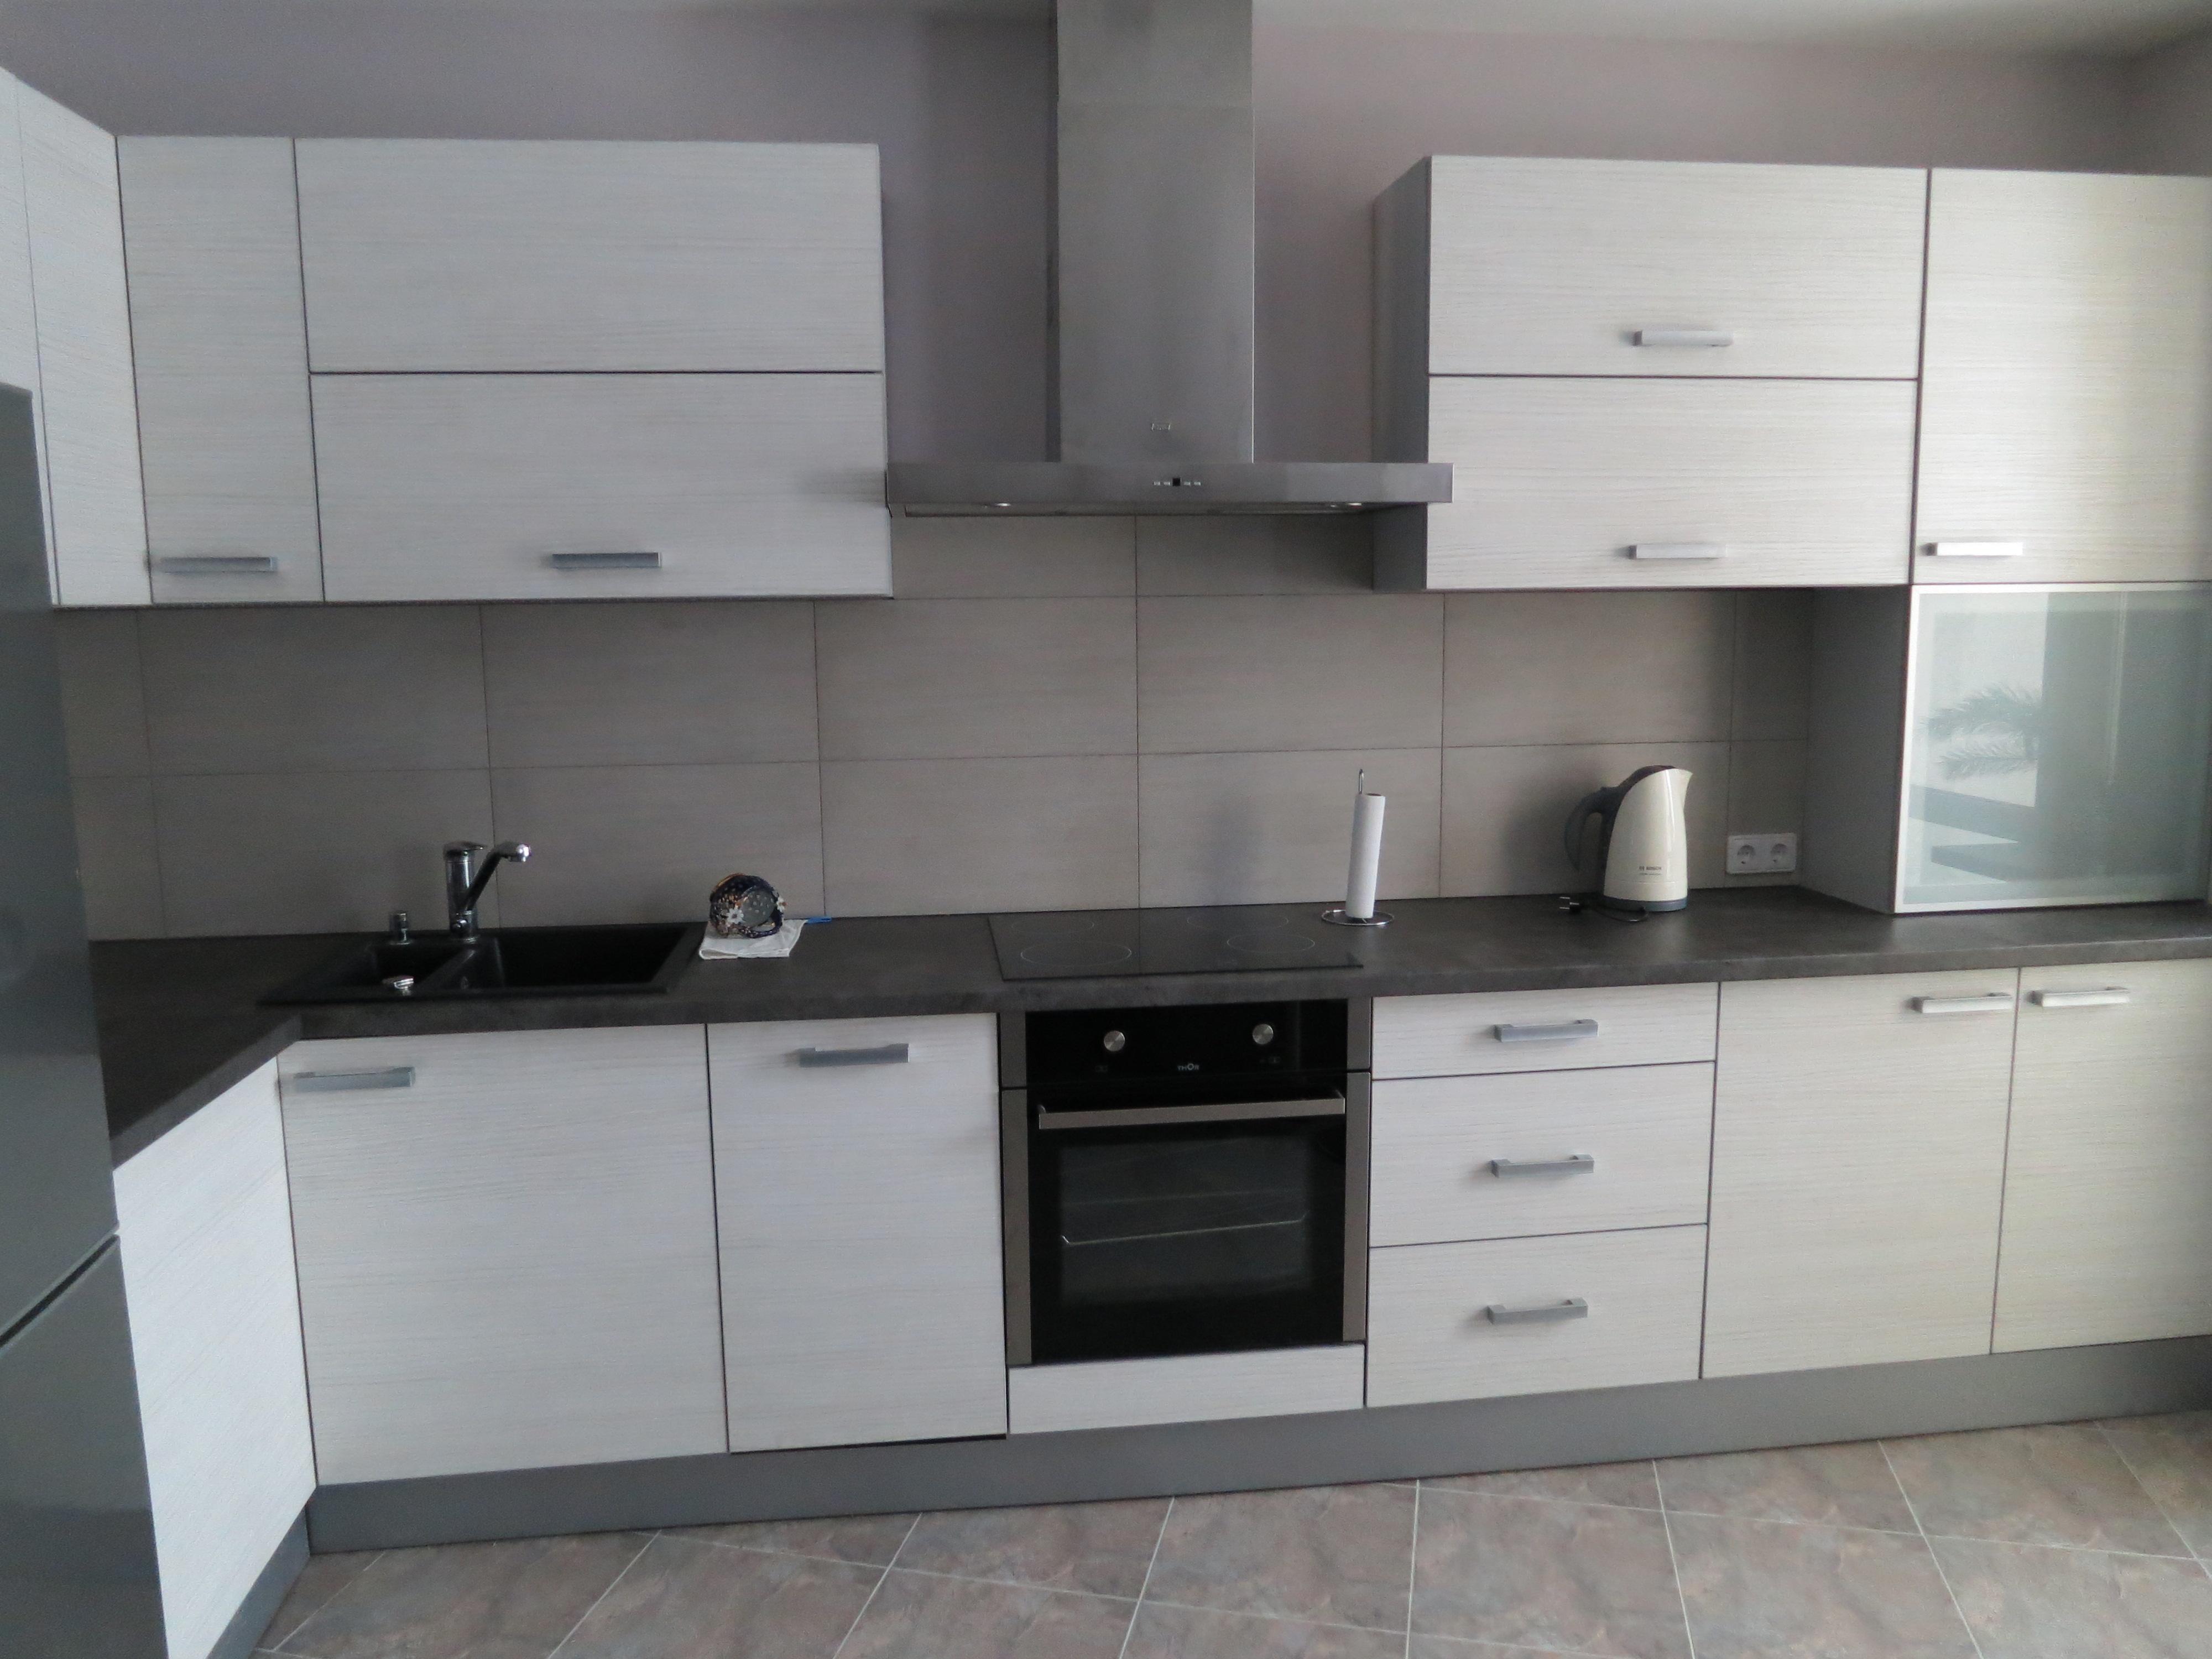 Aufbau von Ikea - möbel Pax - Schrank Küche Ikeamöbel aufbauen in potsdam berlin und Umland